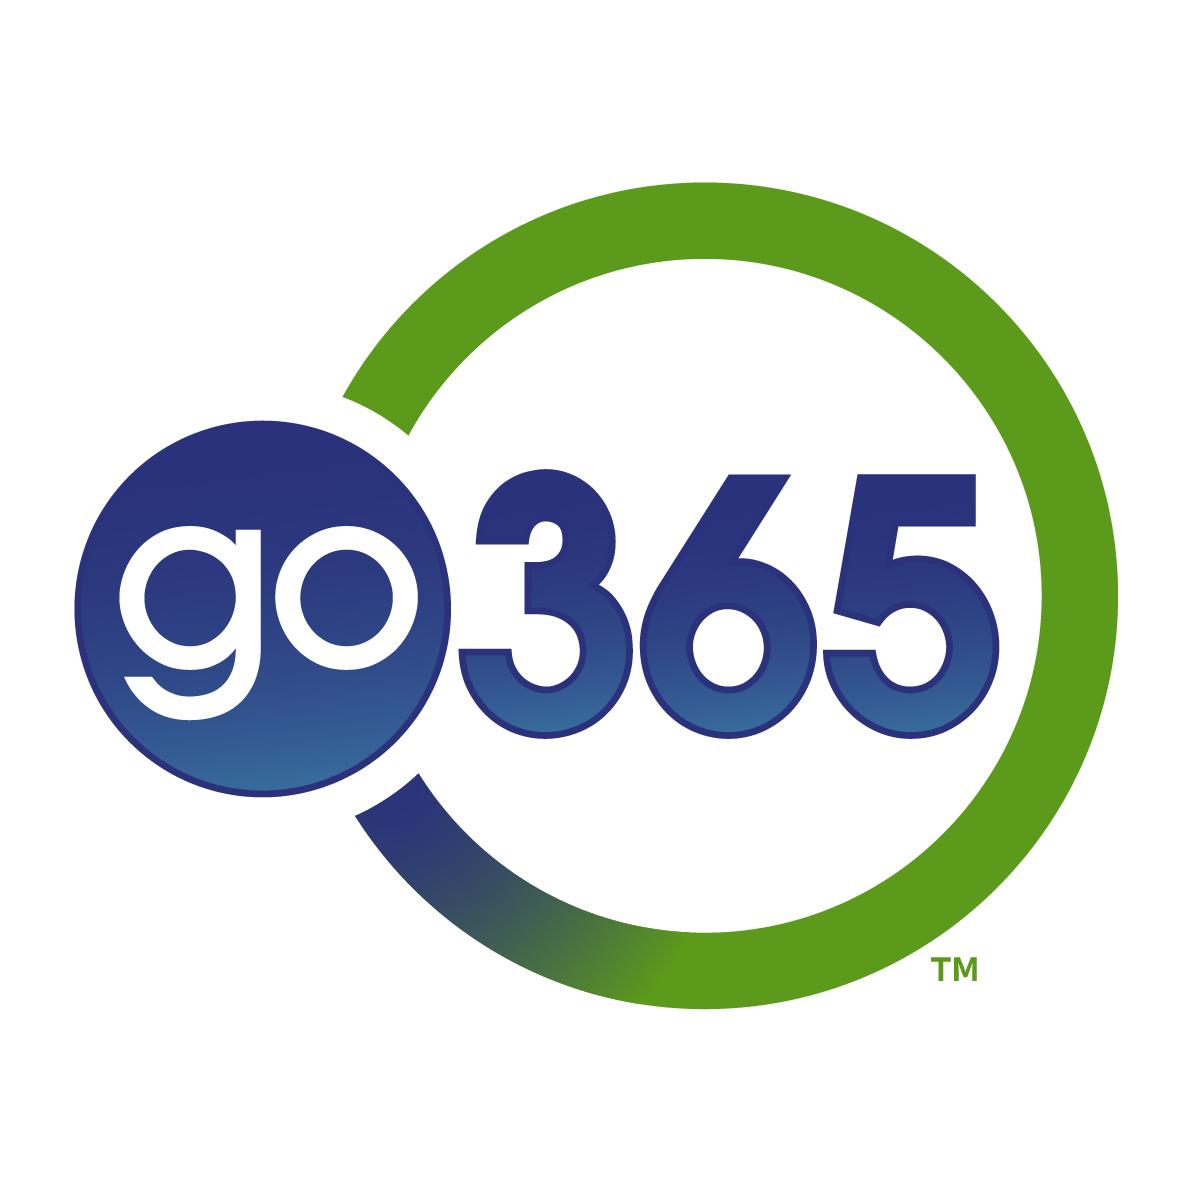 Go365 (SMB)